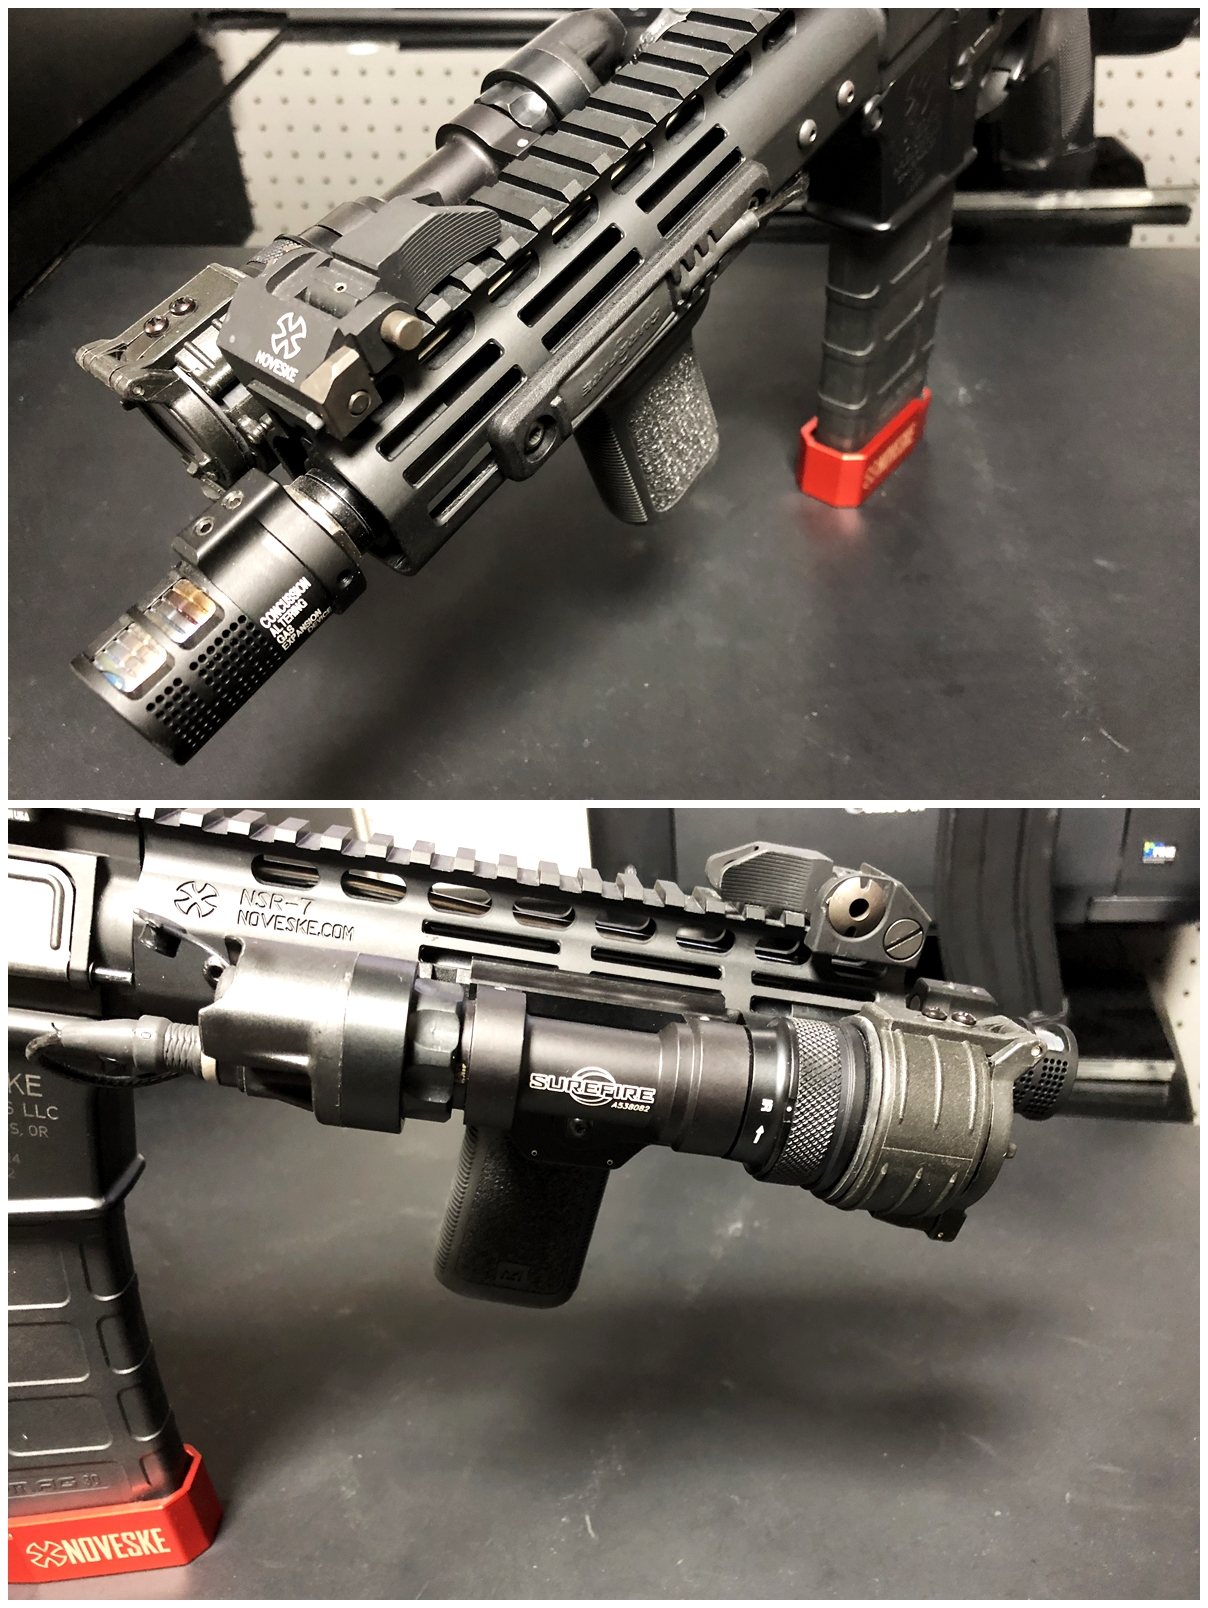 13 実物 BCM GUNFIGHTER VERTICAL GRIP MOD3 M-LOK Compatible ガンファイター バーティカル グリップ 実物 & レプリカ 違い 検証 取付 交換 正規品 新品 開封 カスタム レビュー